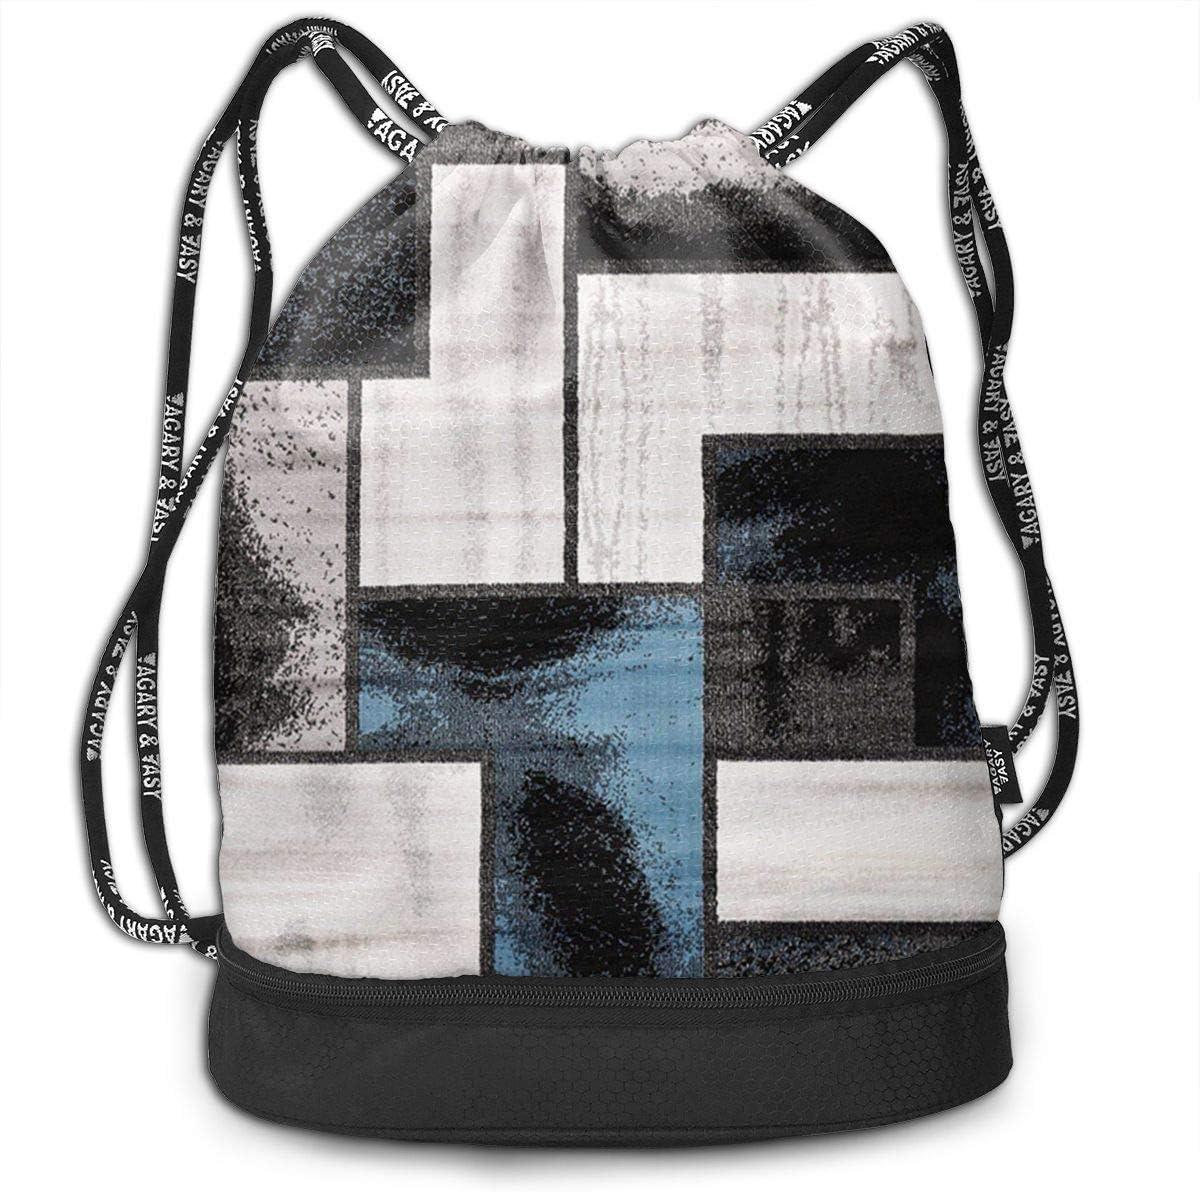 HUOPR5Q Lattice-Pattern Drawstring Backpack Sport Gym Sack Shoulder Bulk Bag Dance Bag for School Travel